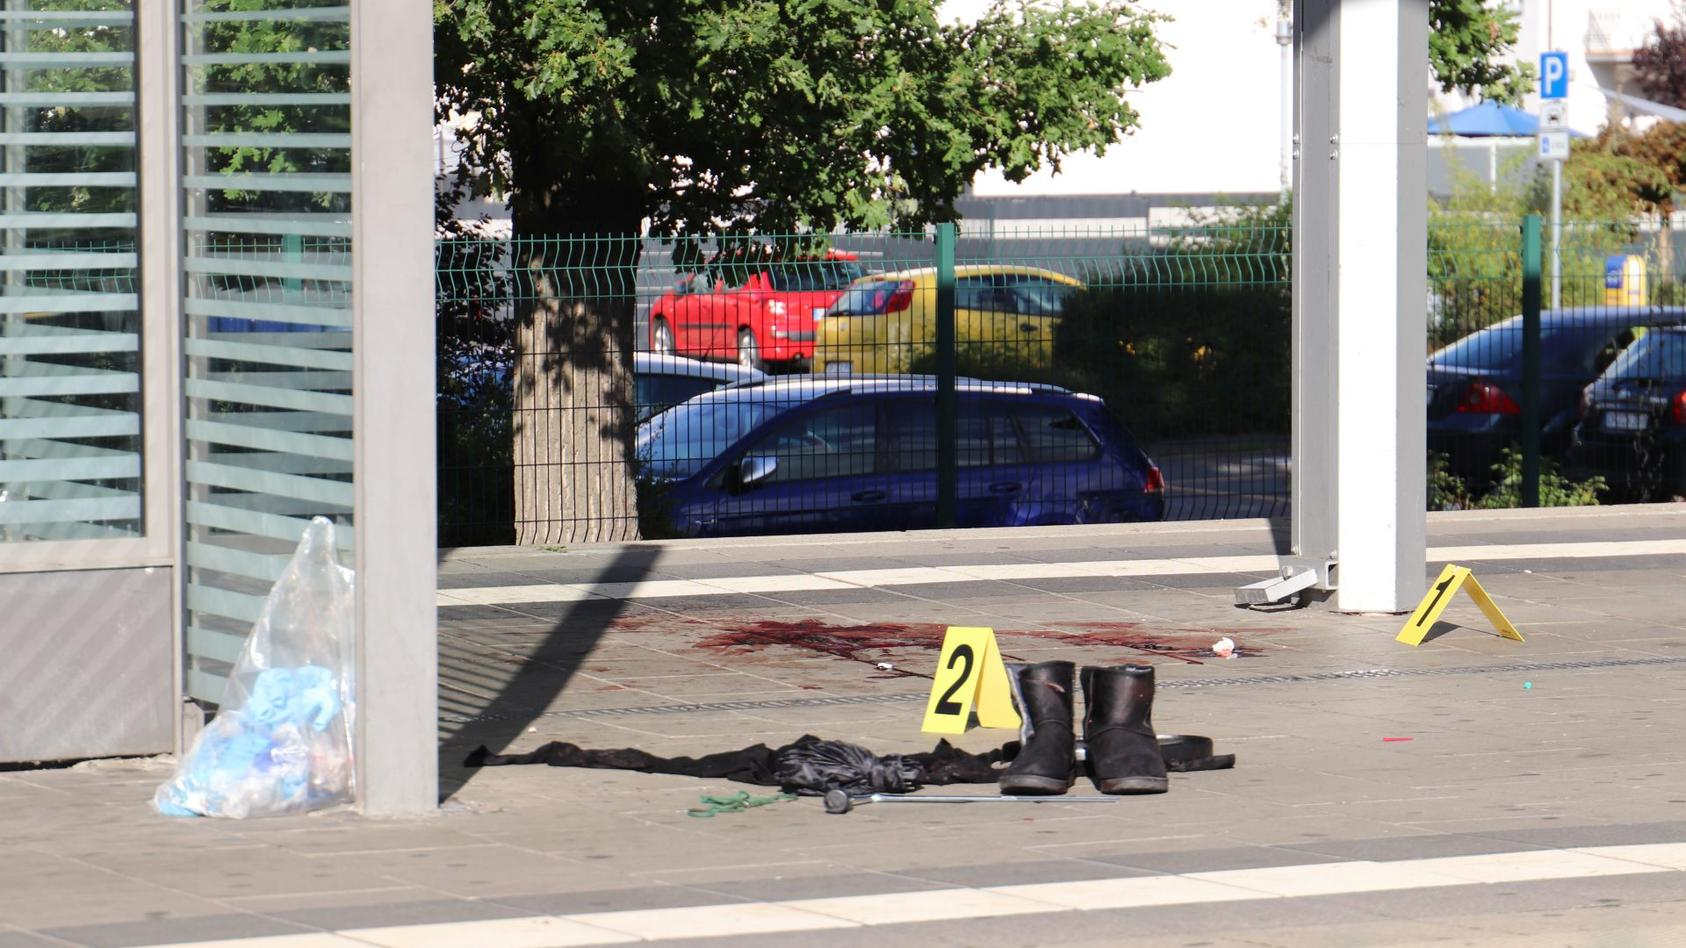 Frau am S-Bahnhof wurde mit Fleischerbeil schwer verletzt.